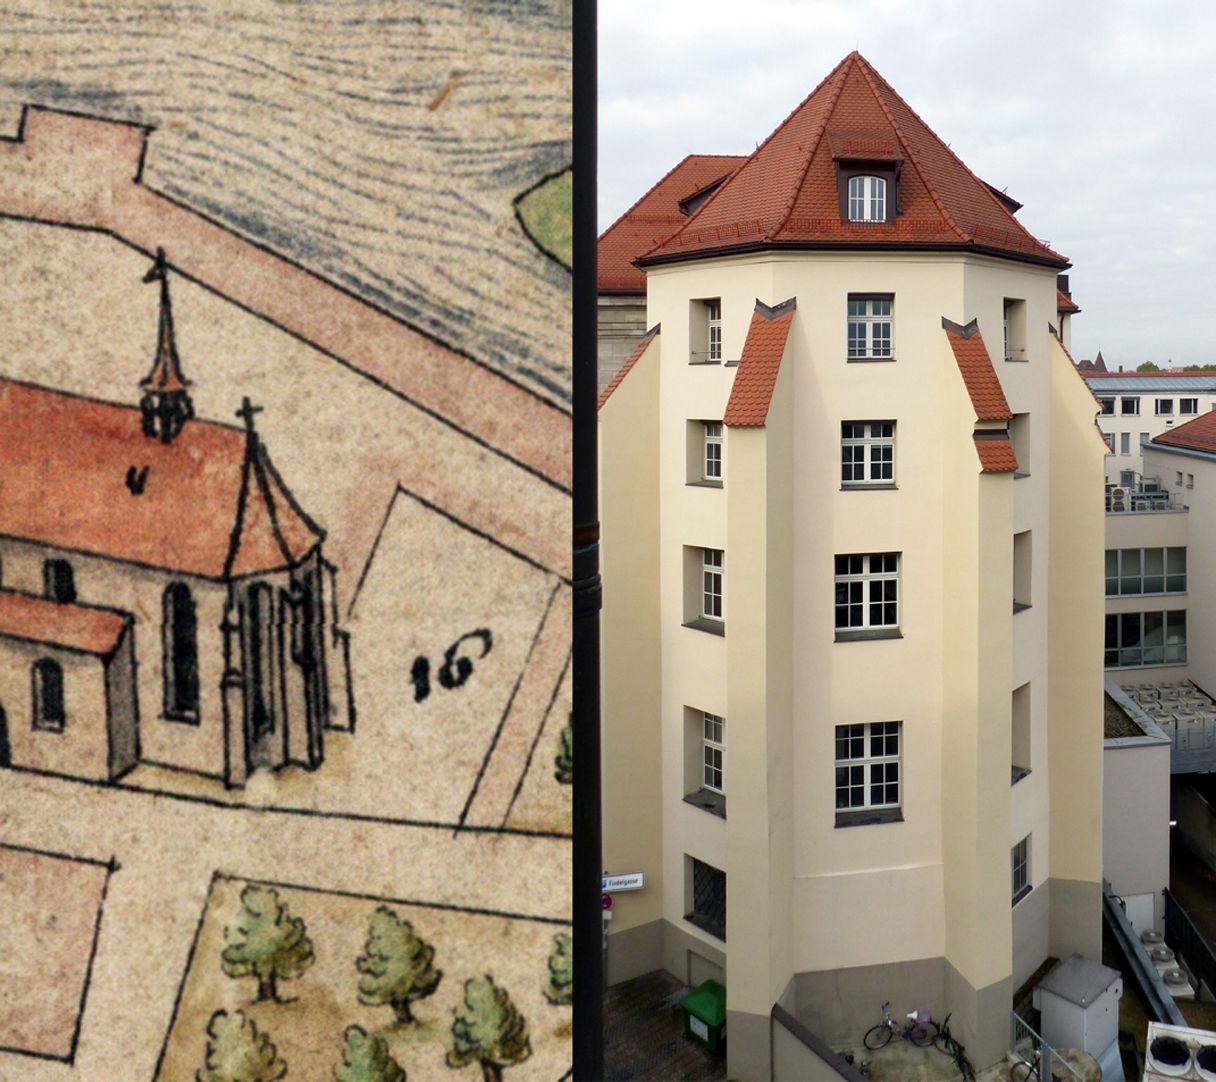 Nürnberg in Aufsicht von Süden Gegenüberstellung mit Chor der Barfüßerkirche nach Bien und heutigem Zustand (die Lanzettfenster der längst profanierten Kirche entsprechen vier Stockwerken der Hypovereinsbank).